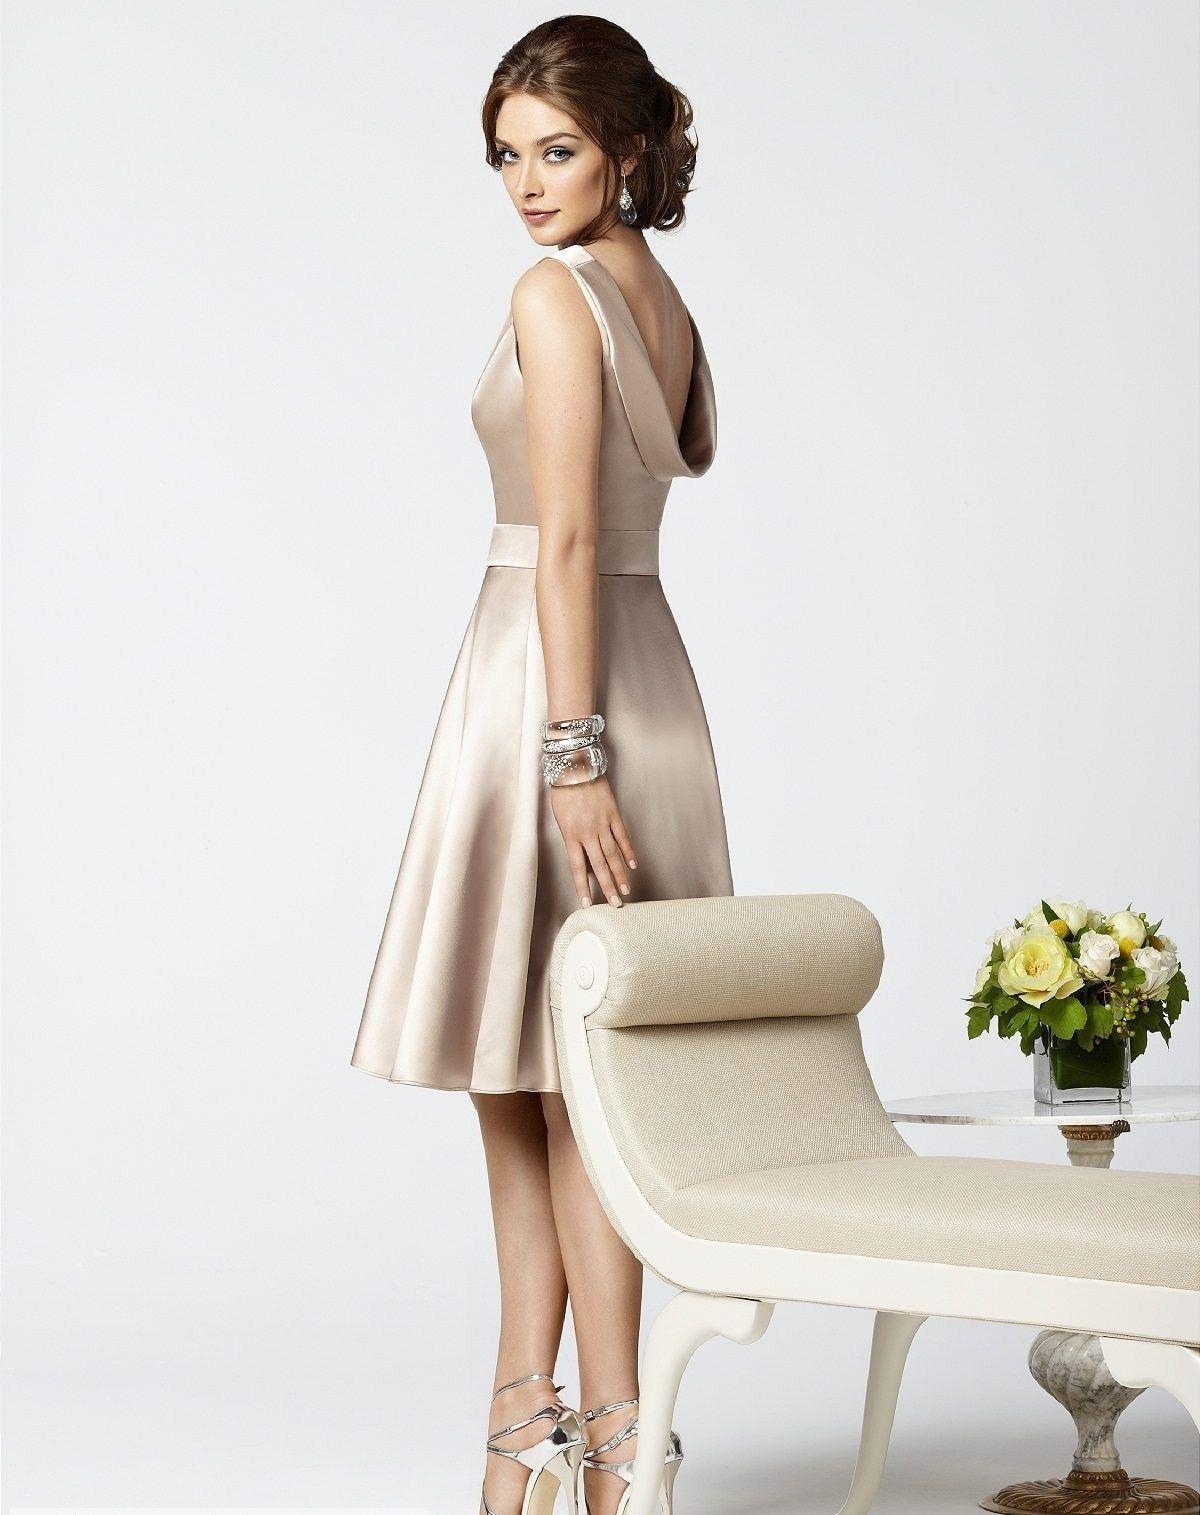 Fantastisch Brautjunferkleider November Bilder - Hochzeit Kleid ...